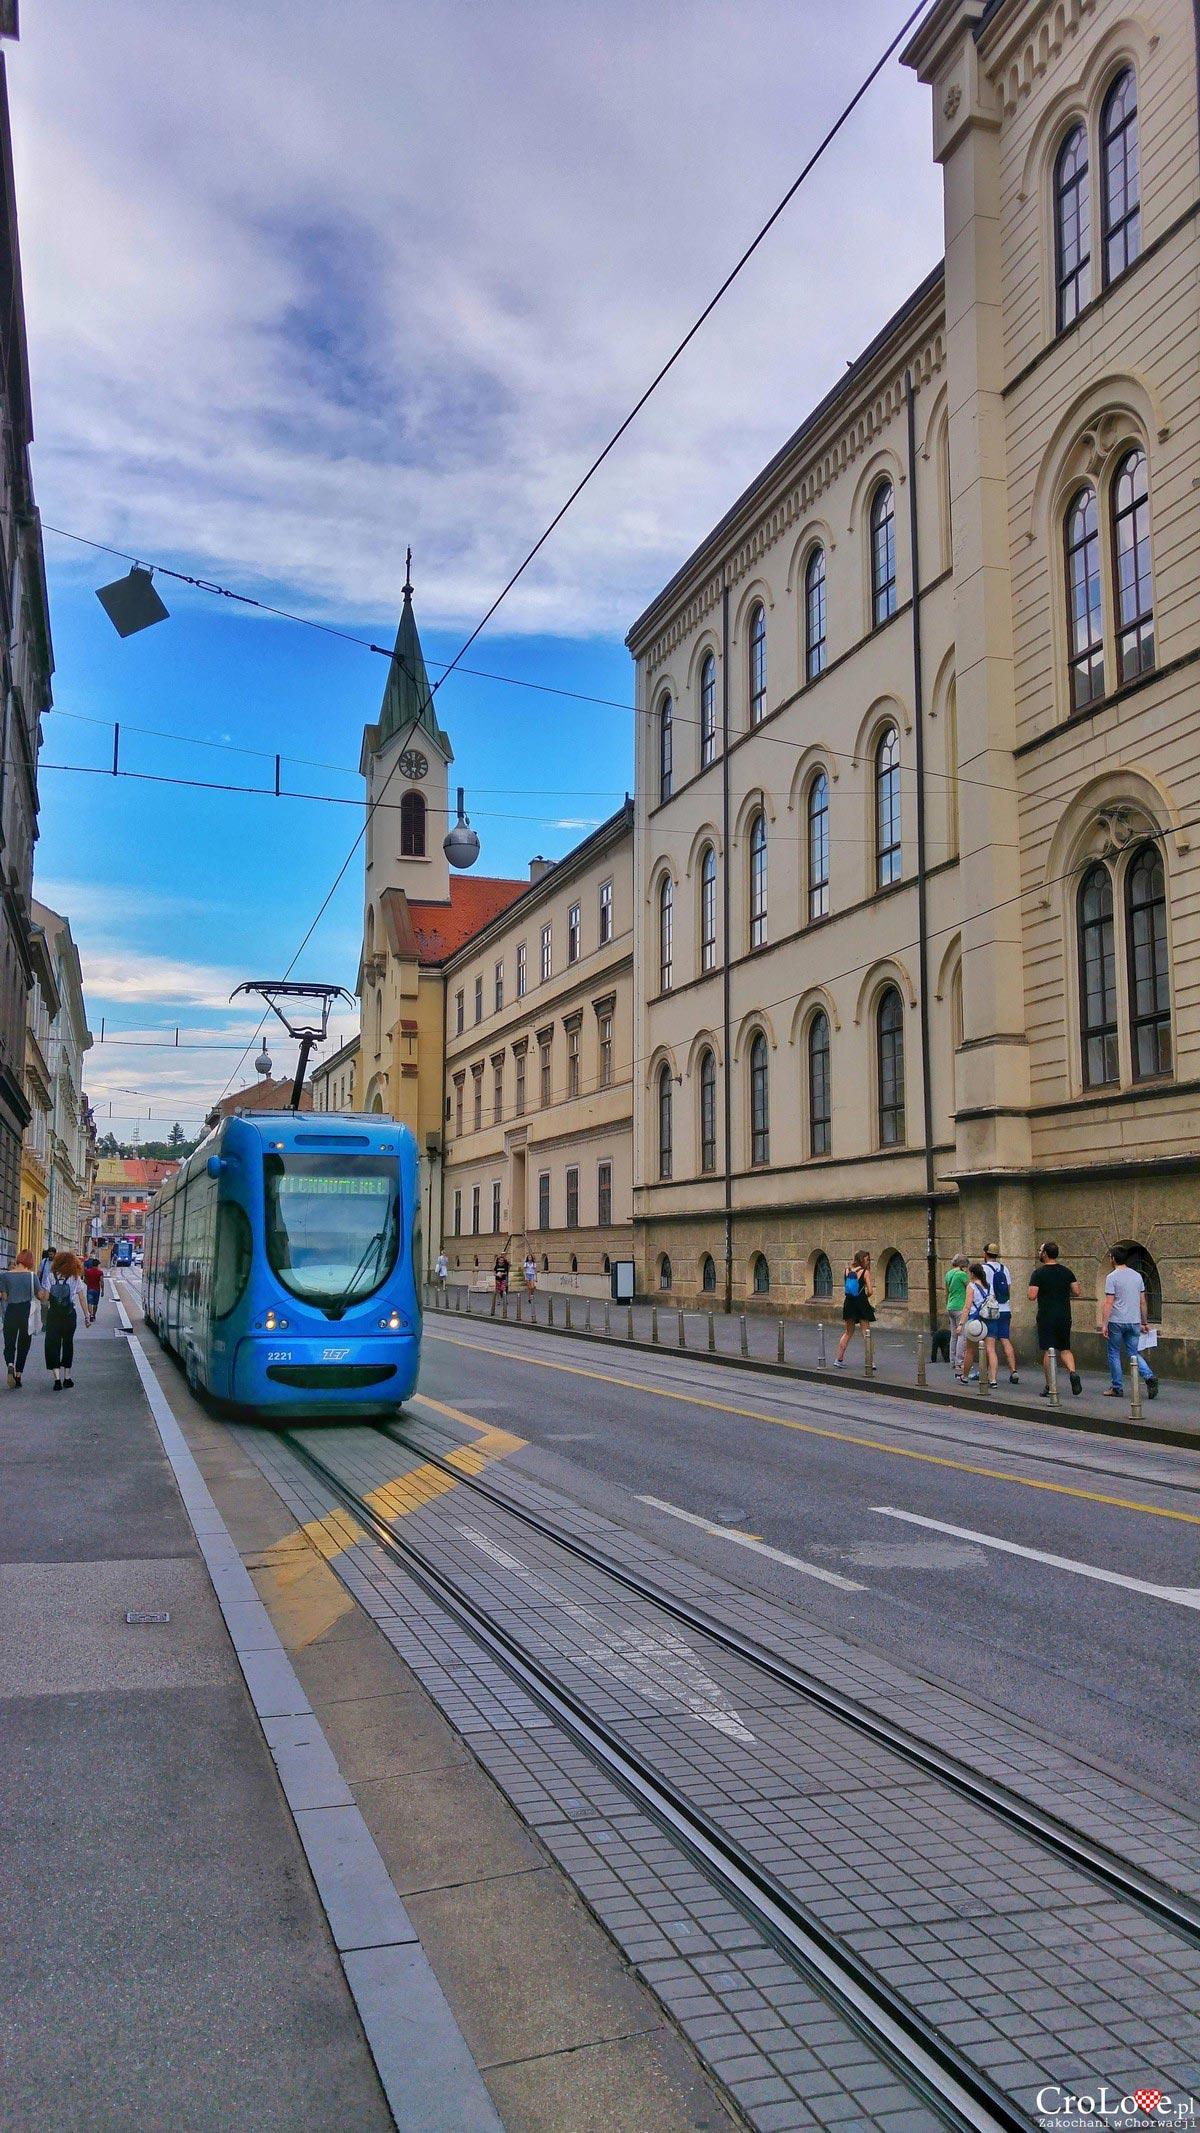 Tramwaje w Zagrzebiu